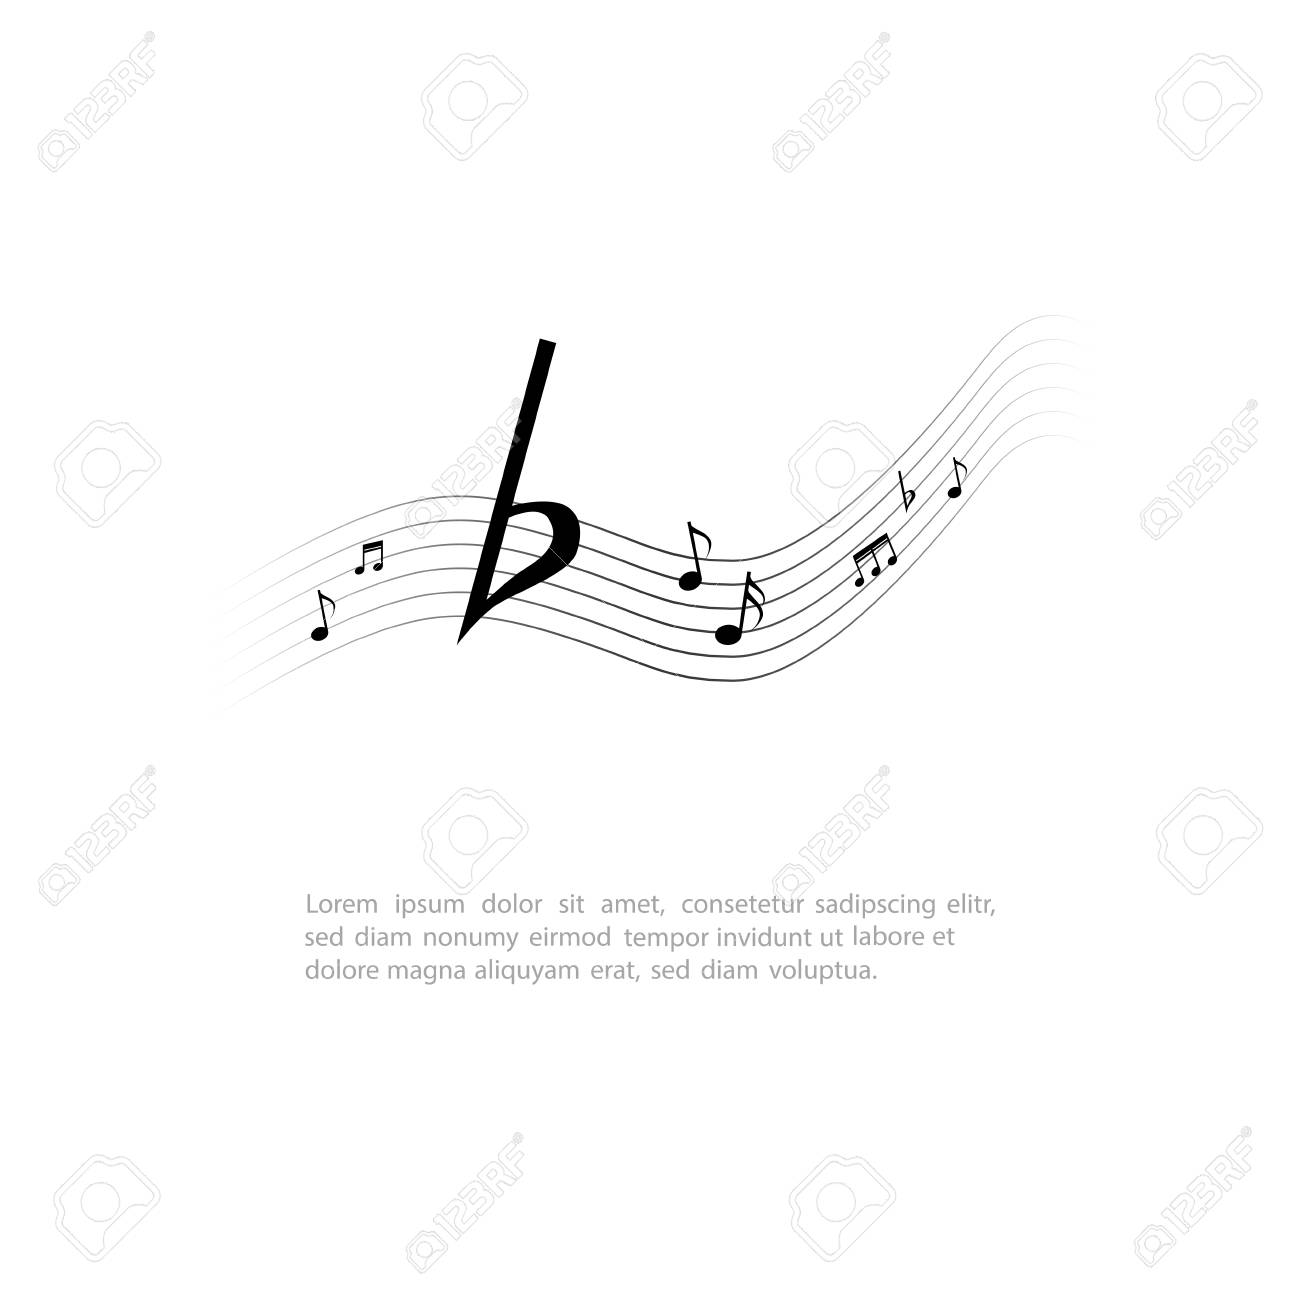 Vettoriale Isolata Nota Musicale Su Uno Sfondo Bianco